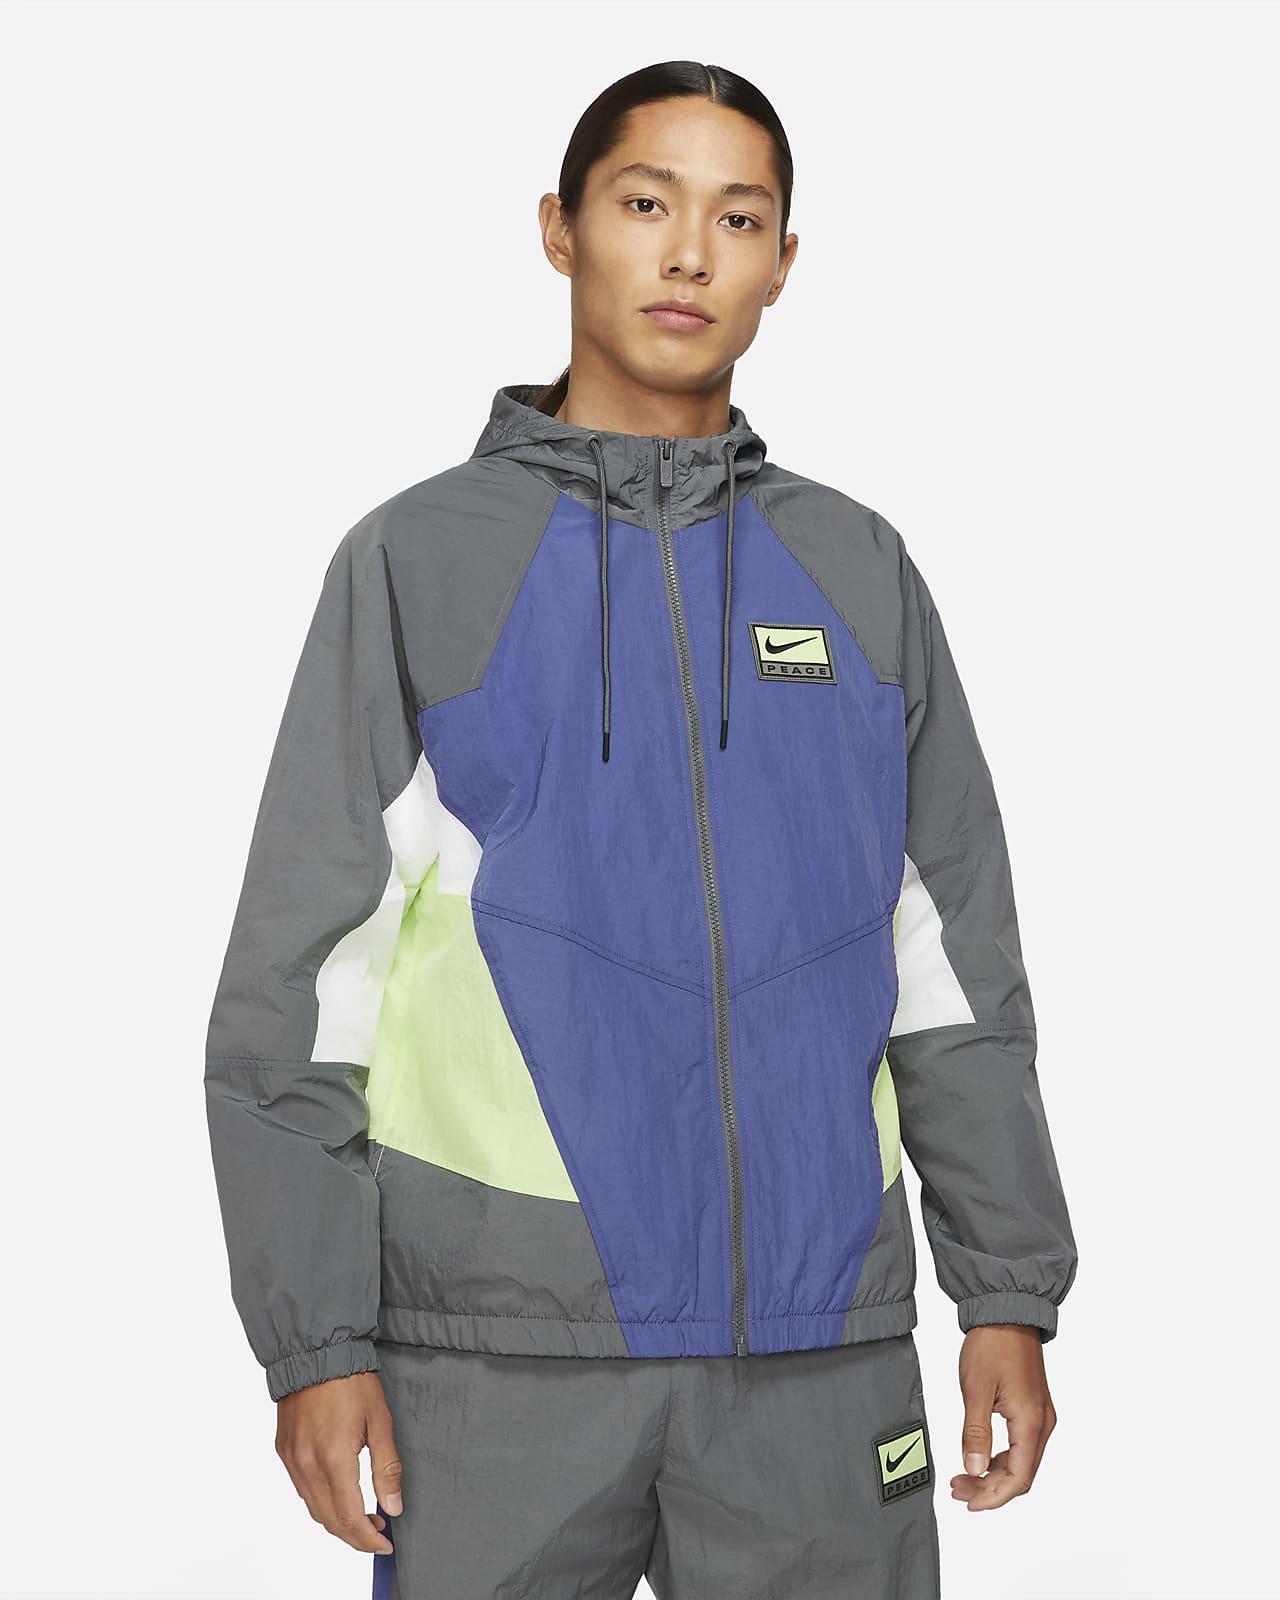 Nike Sportswear Men's Windrunner Jacket